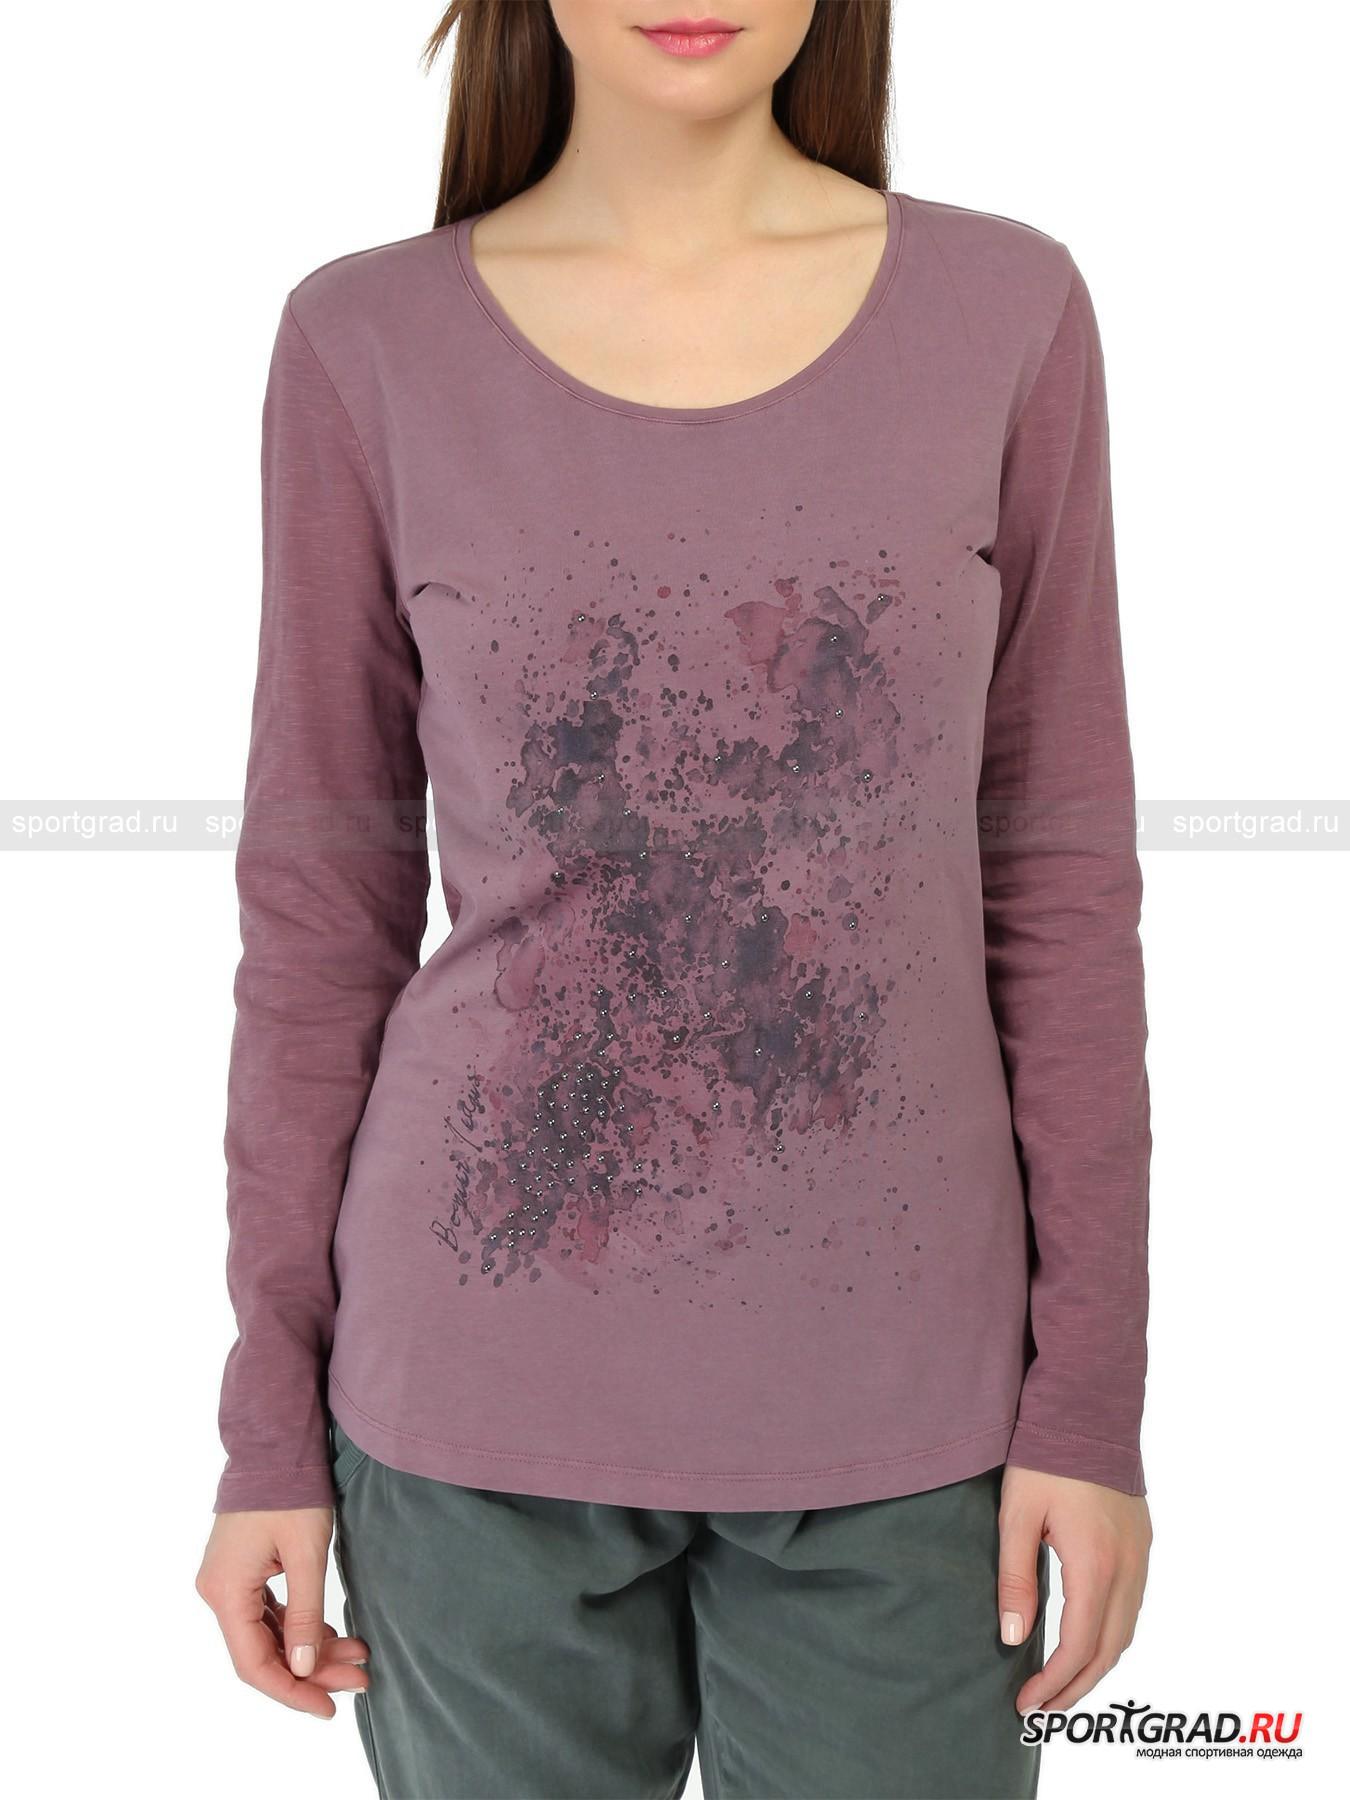 Лонгслив женский Logo T-shirt BOGNER JEANSДжемперы, Свитеры, Пуловеры<br>Прелестный лонгслив модного цвета «кашемировая роза» LogoT-shirt от Bogner Jeans изготовлен из хлопка с небольшим добавлением эластана, что позволяет ткани превосходно растягиваться во всех направлениях, обеспечивая свободу движений.  Материал был подвергнут особой обработке, что придало ему интересную неоднородную структуру и потрясающую мягкость.<br><br>Фронтальная часть изделия декорирована стильным абстрактным принтом и аппликацией из металлостраз. Маленькая нашивка-логотип Bogner Jeans подчеркивает принадлежность вещи к классу «премиум» и отличный вкус ее владелицы.<br><br>Пол: Женский<br>Возраст: Взрослый<br>Тип: Джемперы, Свитеры, Пуловеры<br>Рекомендации по уходу: ручная стирка; не отбеливать; гладить слегка нагретым утюгом (температура до 110 C); химическая чистка запрещена; нельзя выжимать и сушить в стиральной машине<br>Состав: 95% хлопок, 5% эластан